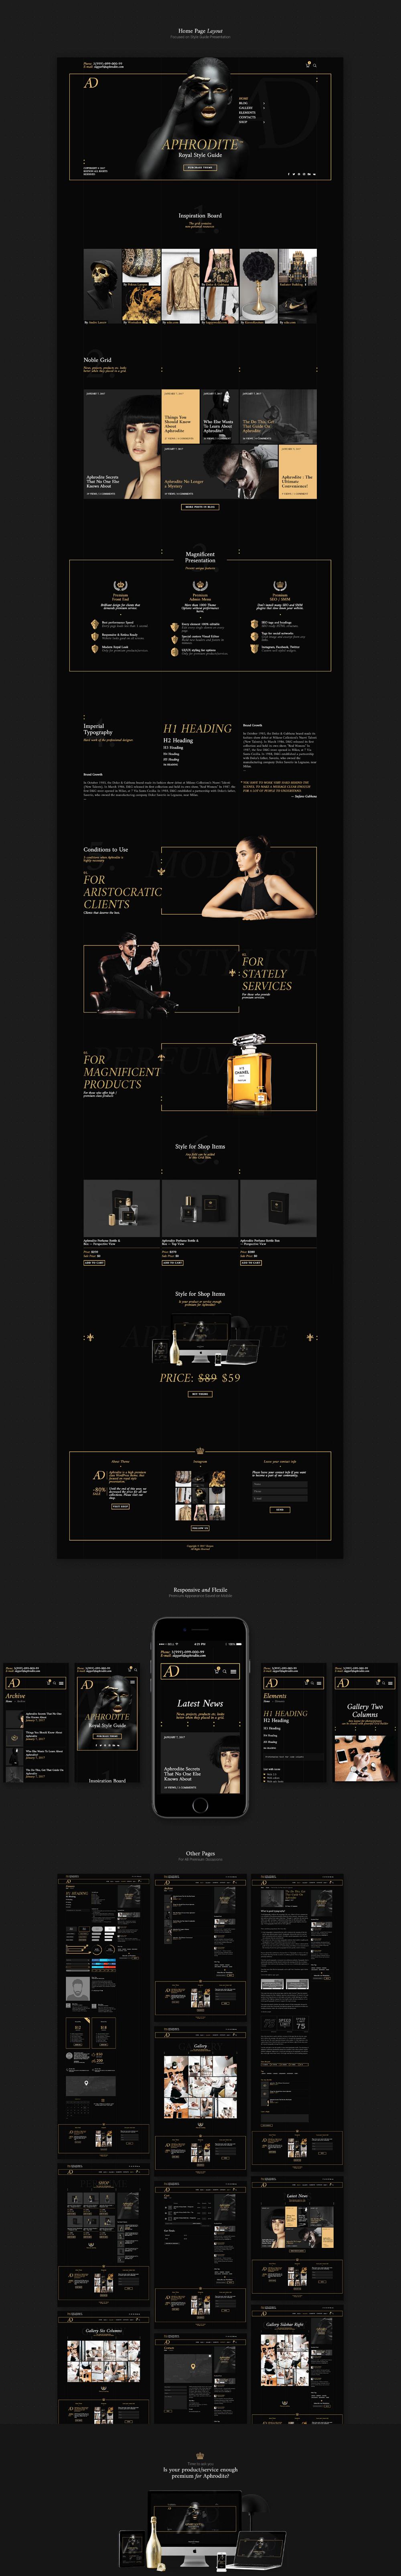 Aphrodite Luxury Wordpress Theme On Behance Wordpress Theme